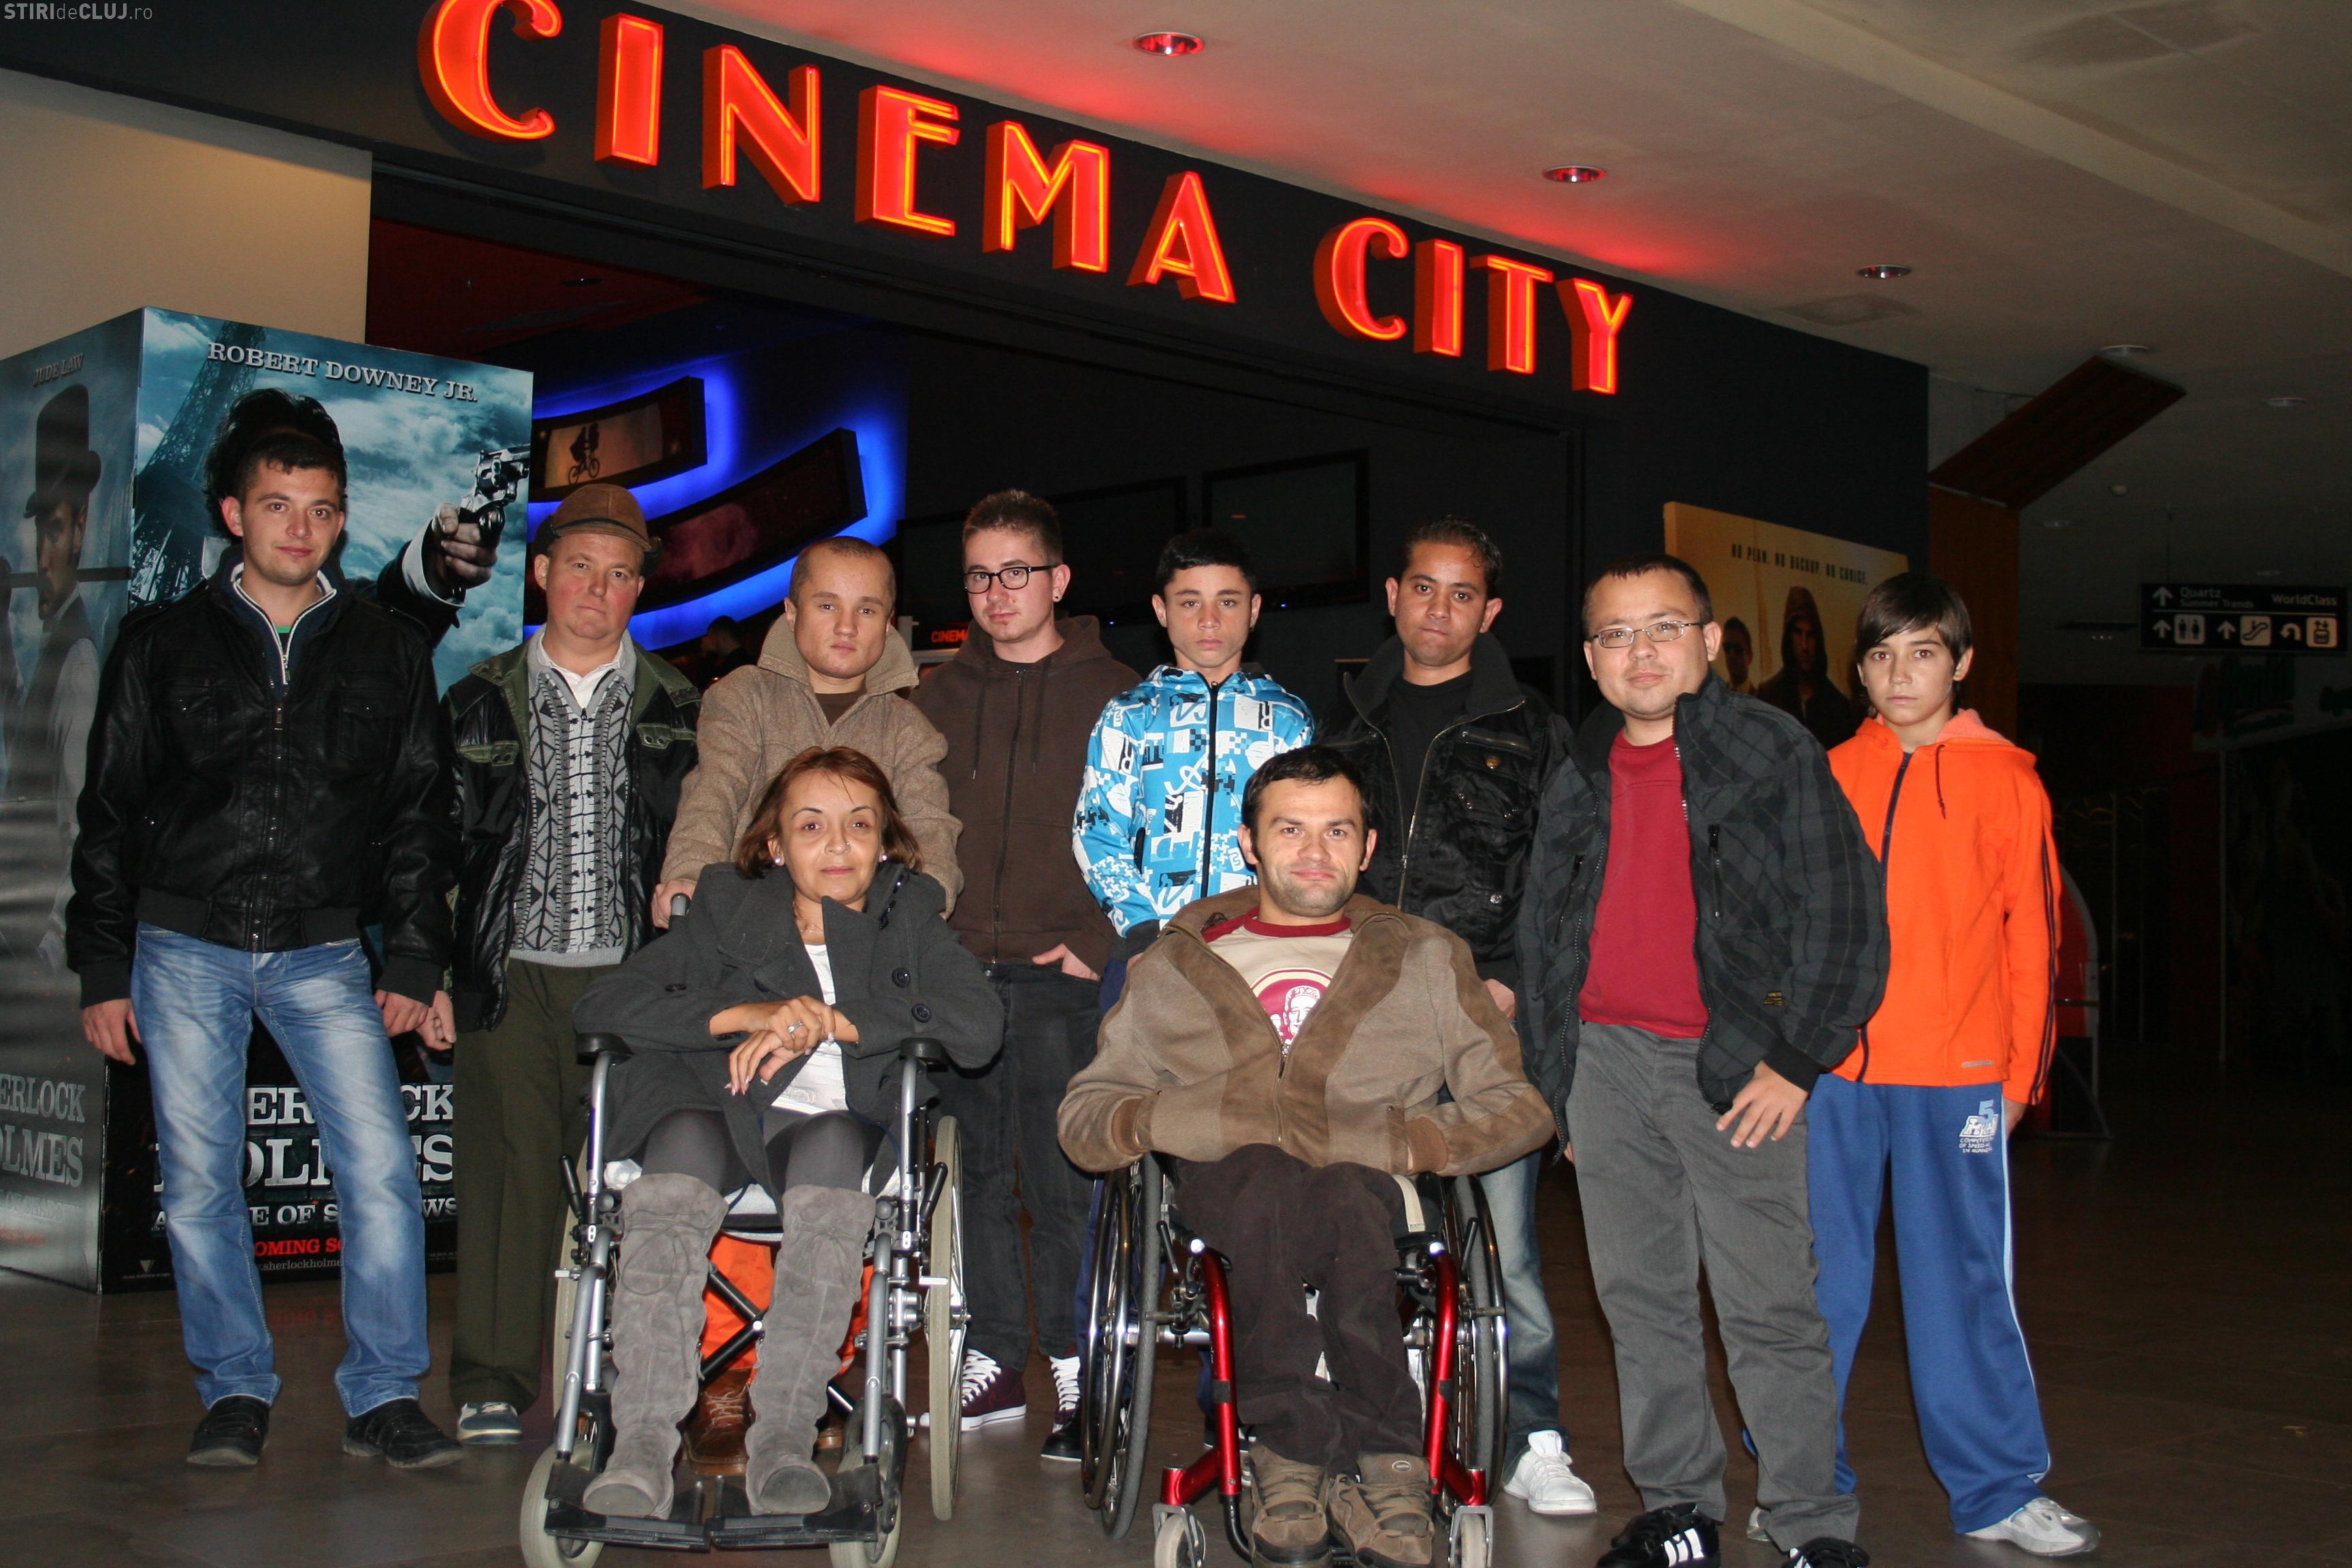 """Scandalul de la Cinema City, transat pe blogurile din Cluj: """"Cinema City sau cum sa ne batem joc"""""""